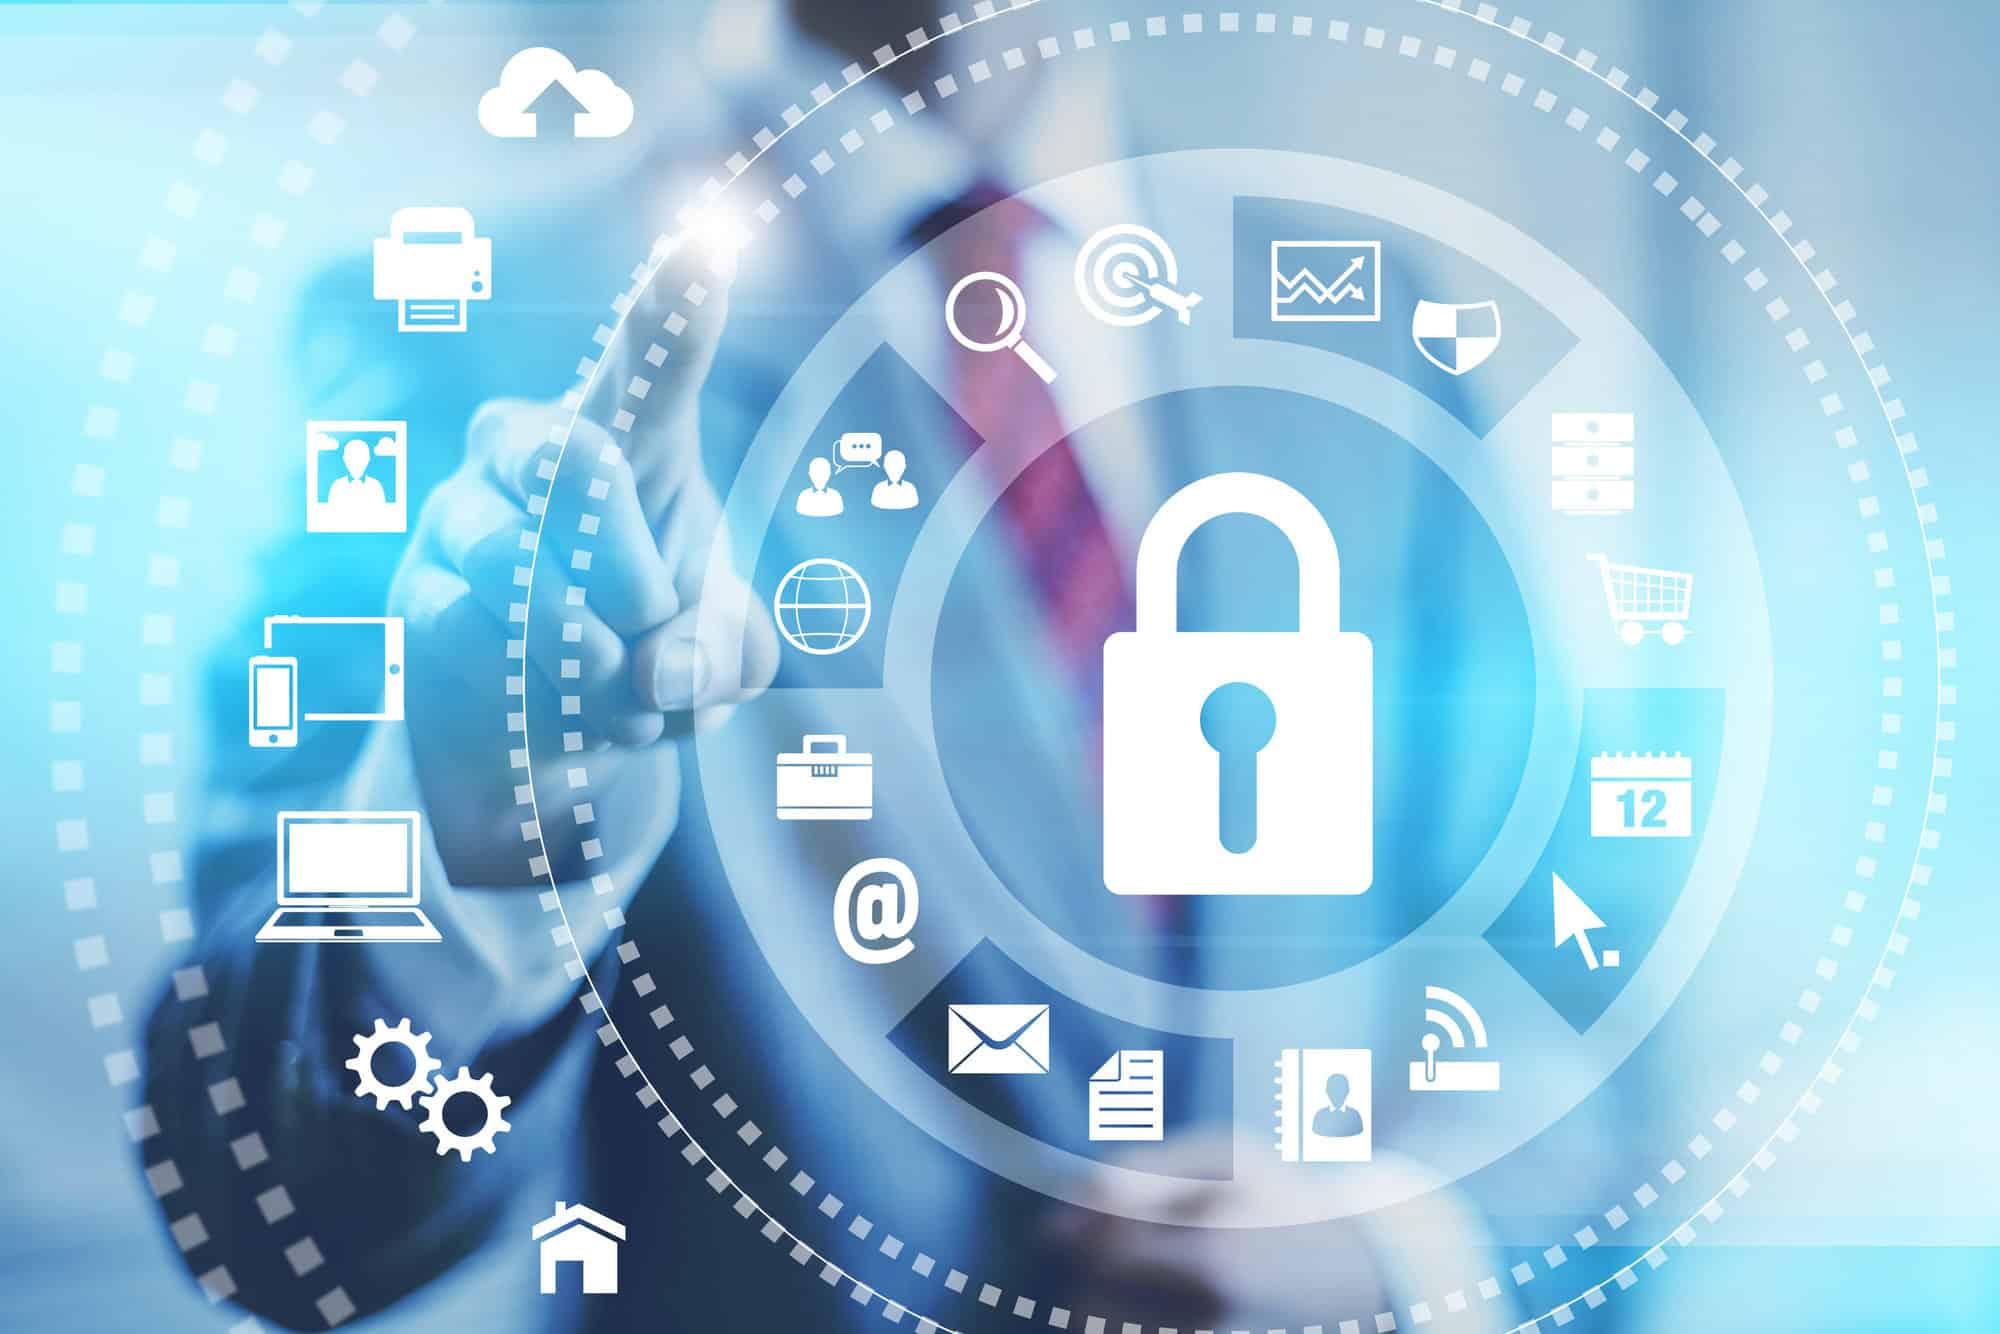 اهمية امن المعلومات والتهديدات الممكنة ووسائل المحافظة على امن المعلومات